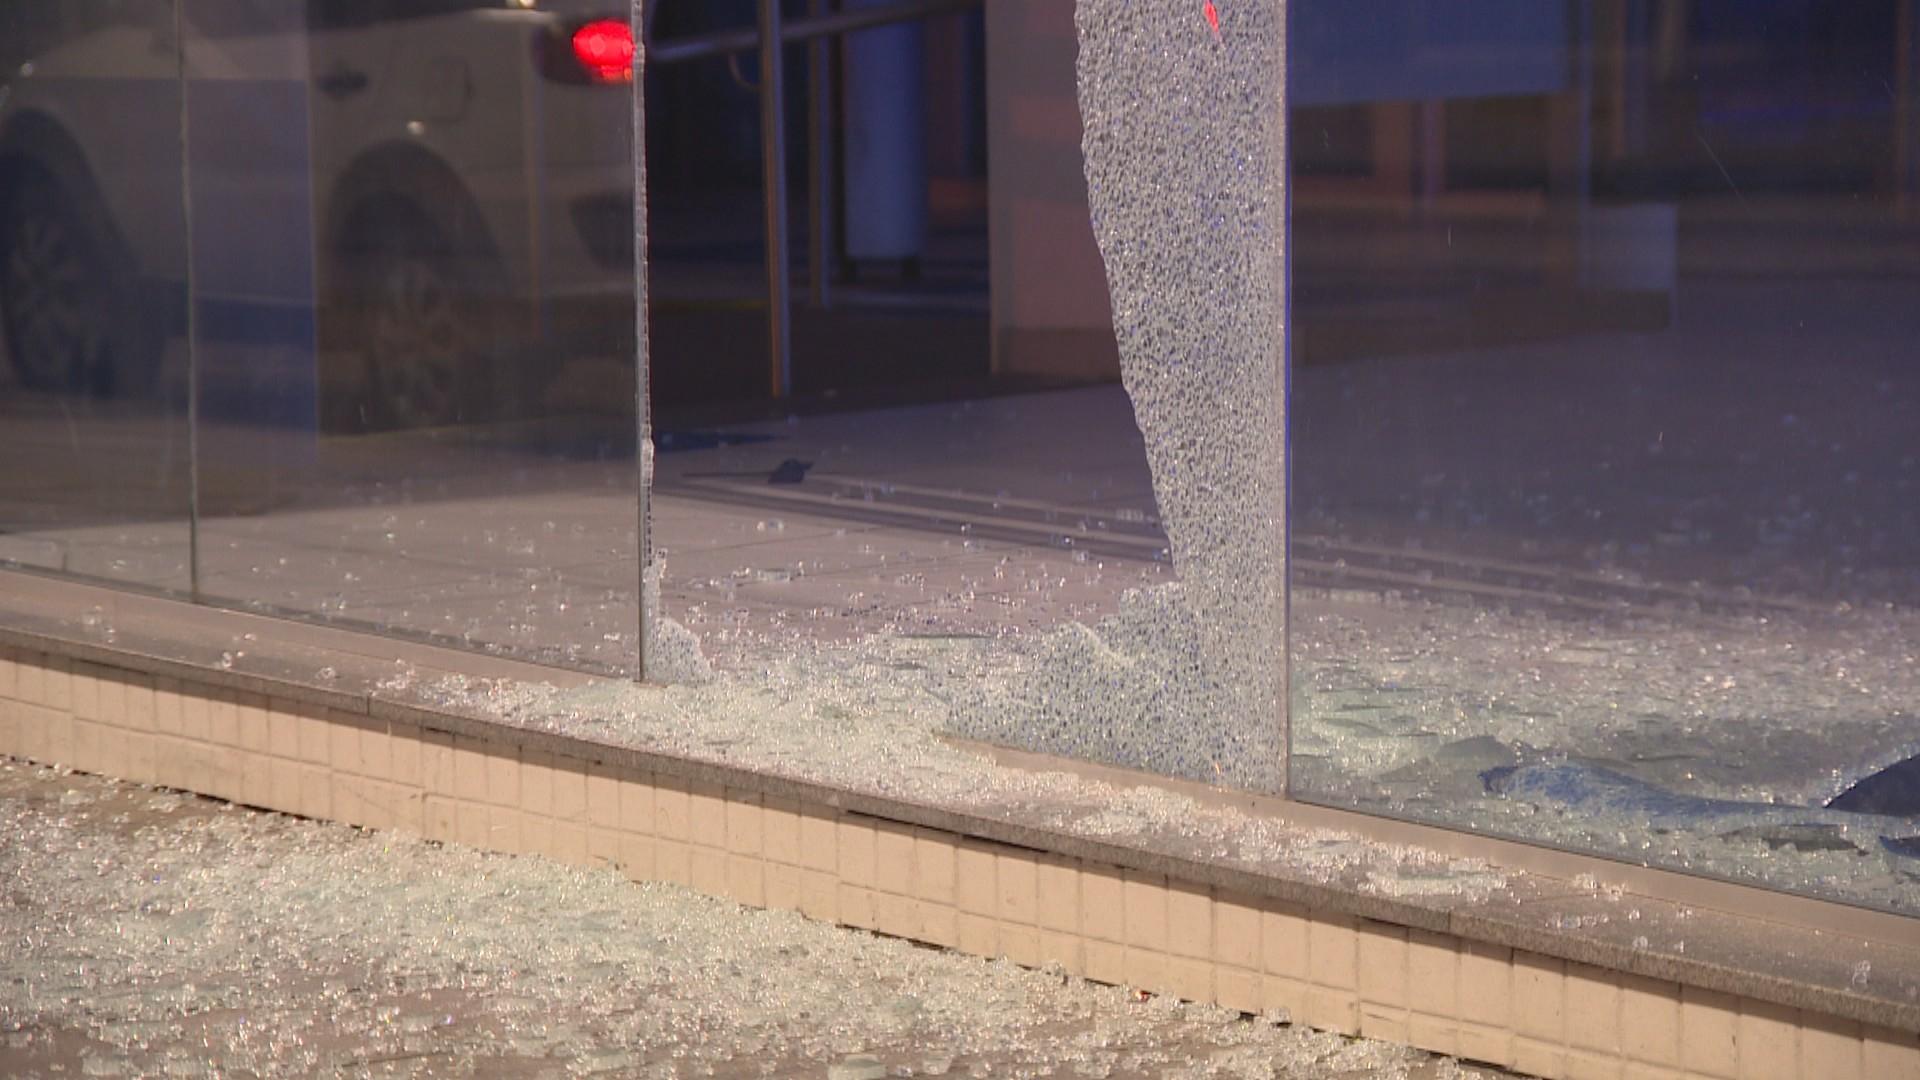 Polícia registra casos de vandalismo contra lojas em Porto Alegre e Viamão